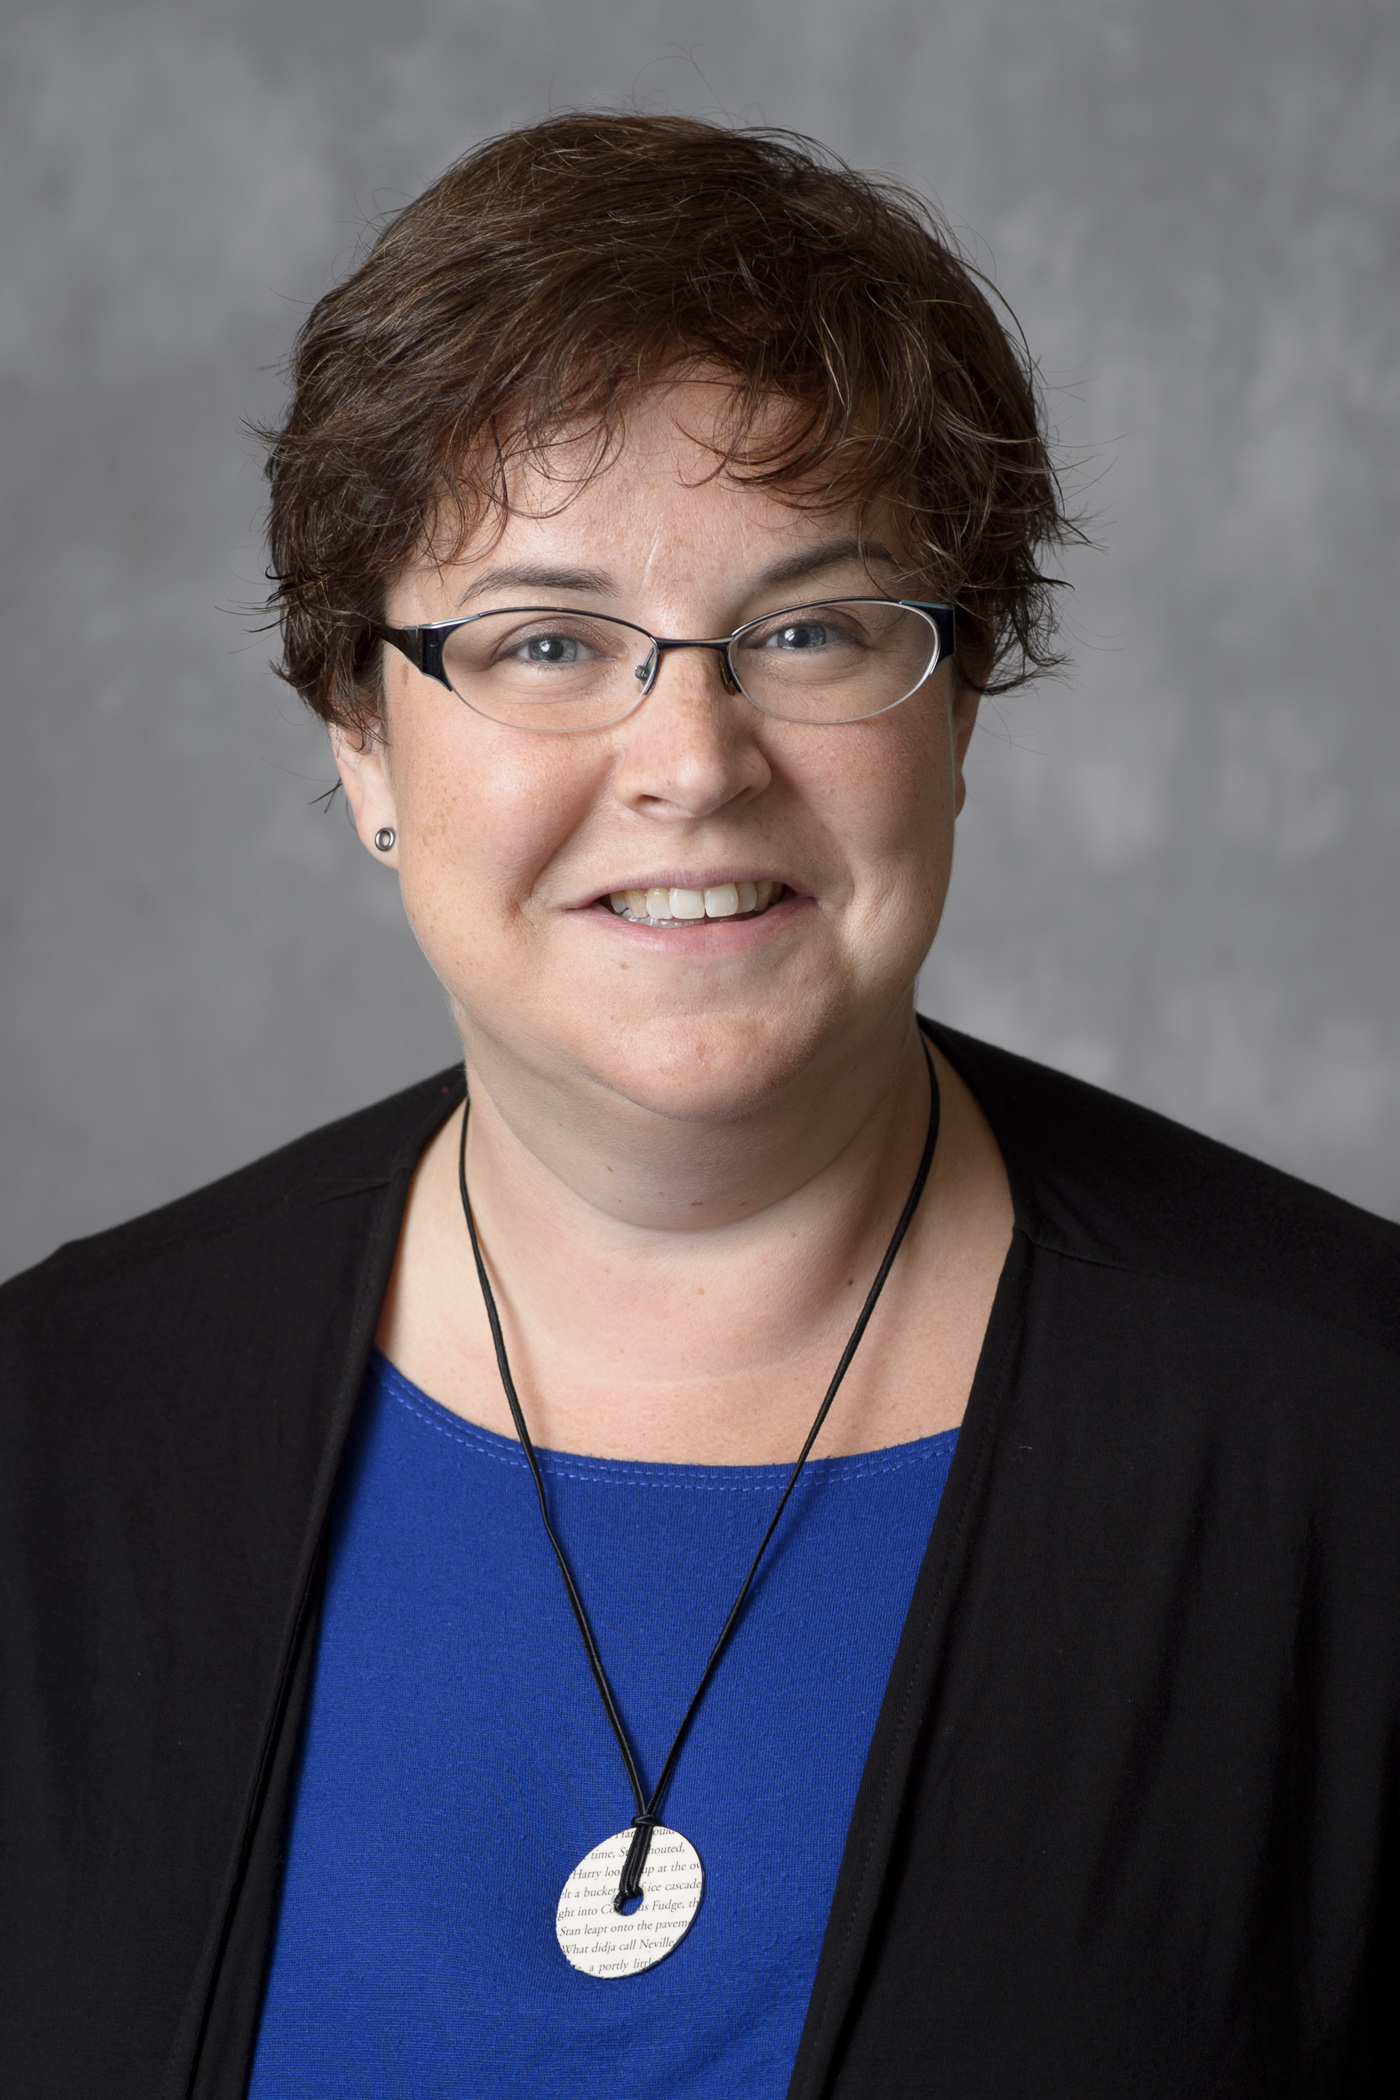 Rachael Kenney